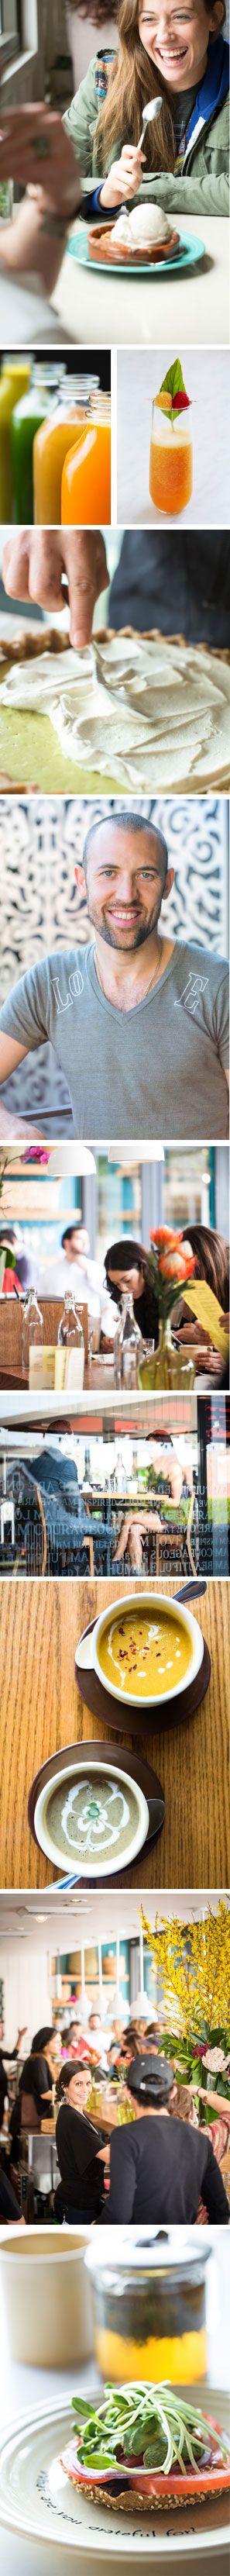 HEALTHY FOOD IDEAS LA PLACE CALLED cafegratitude.com  MENU http://cafegratitude.com/wp-content/uploads/2016/05/CG-Primary-Menu-SS16.pdf